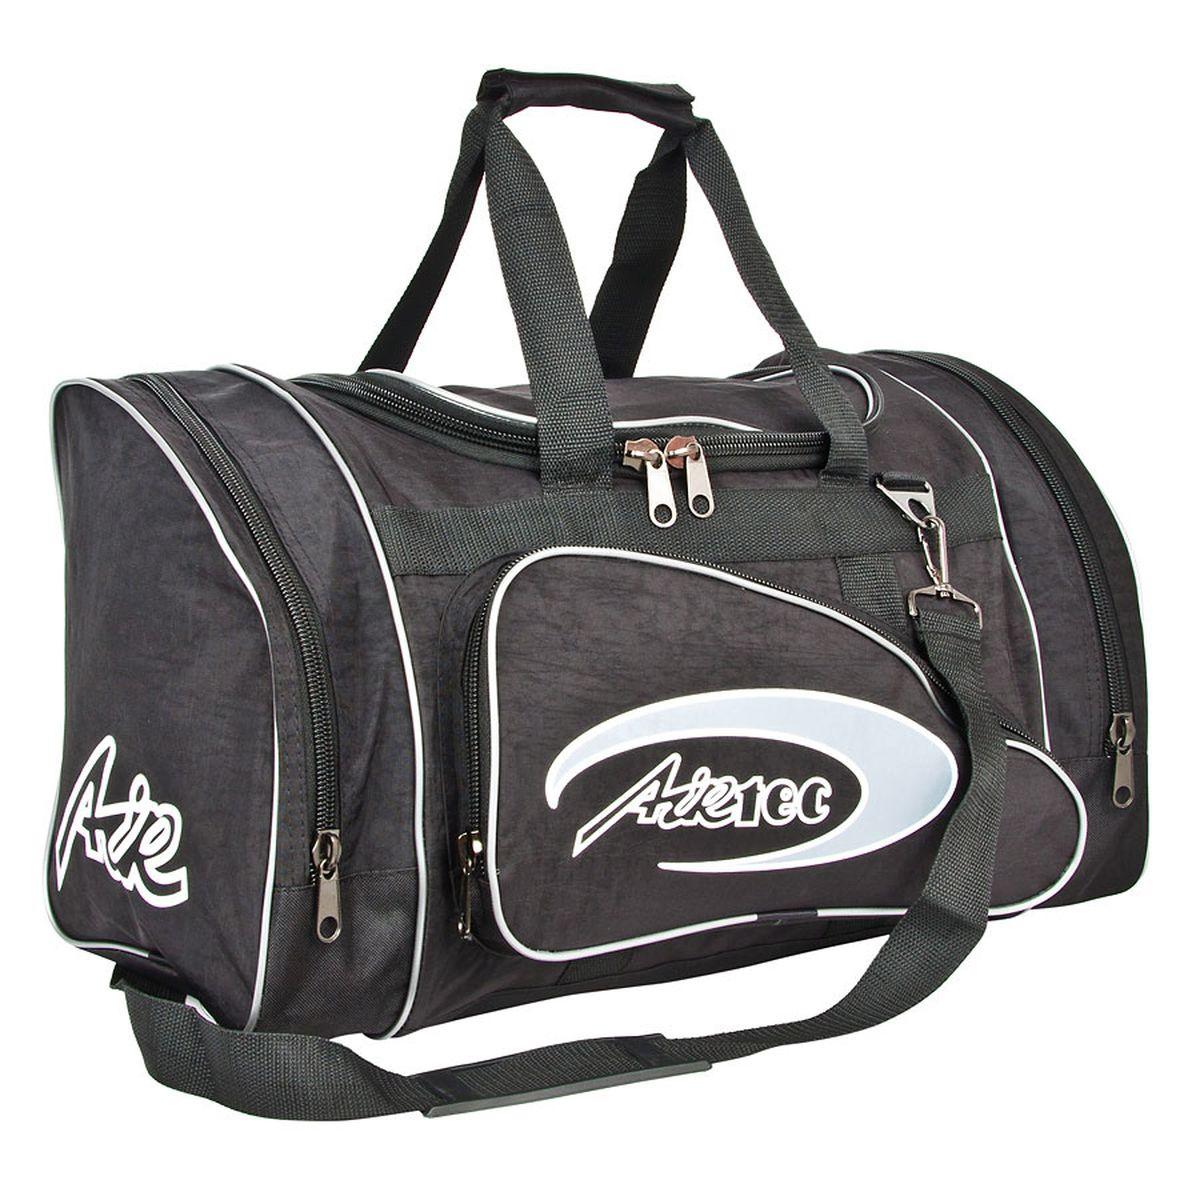 Сумка спортивная Polar, цвет: черный, 36 л. п03п03_черныйМатериал – полиэстер с водоотталкивающей пропиткой. Вместительная спортивная сумка среднего размера. Одно отделение внутри. Карман на молнии. Два боковых кармана и два кармана на передней части. В комплект входит съемный плечевой ремень. Эта сумка идеально подойдет для спорта и отдыха. Спортивная сумка для ваших вещей.